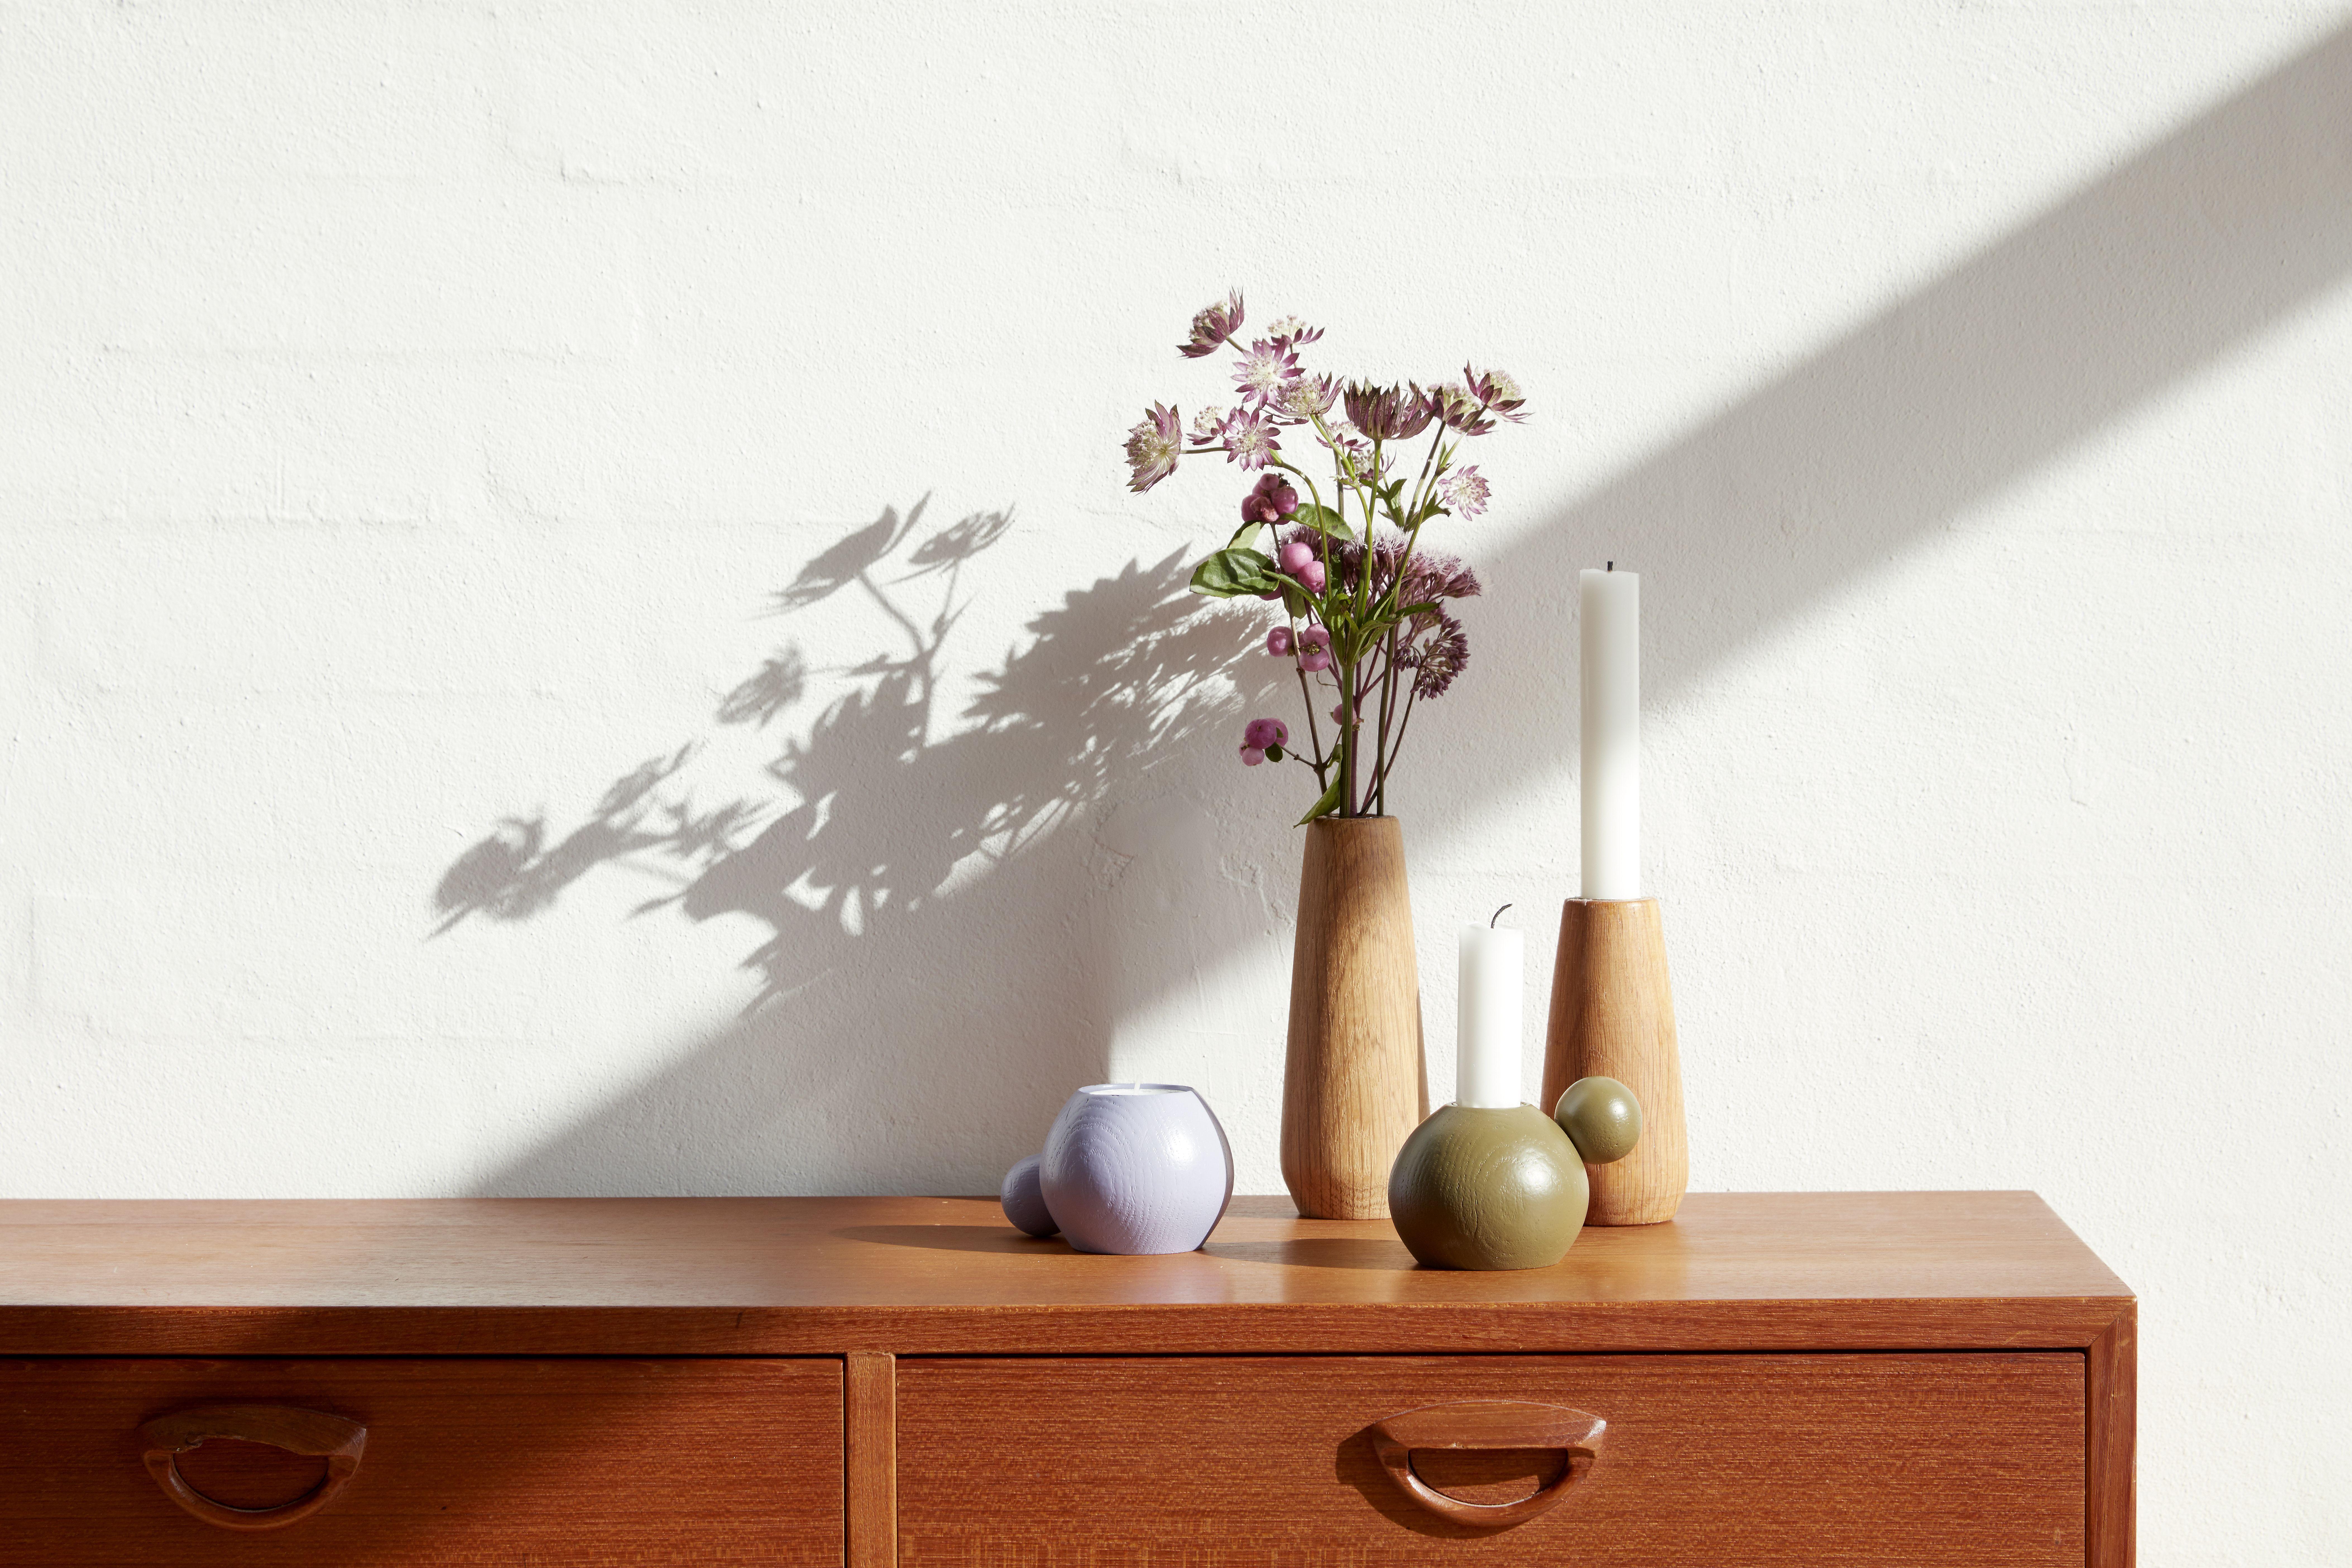 Modernes Wohnaccessoires als runder Kerzenhalter und Teelichthalter aus geöltem Eichenholz oder farbig lackiertem Buchenholz in dänischem Design